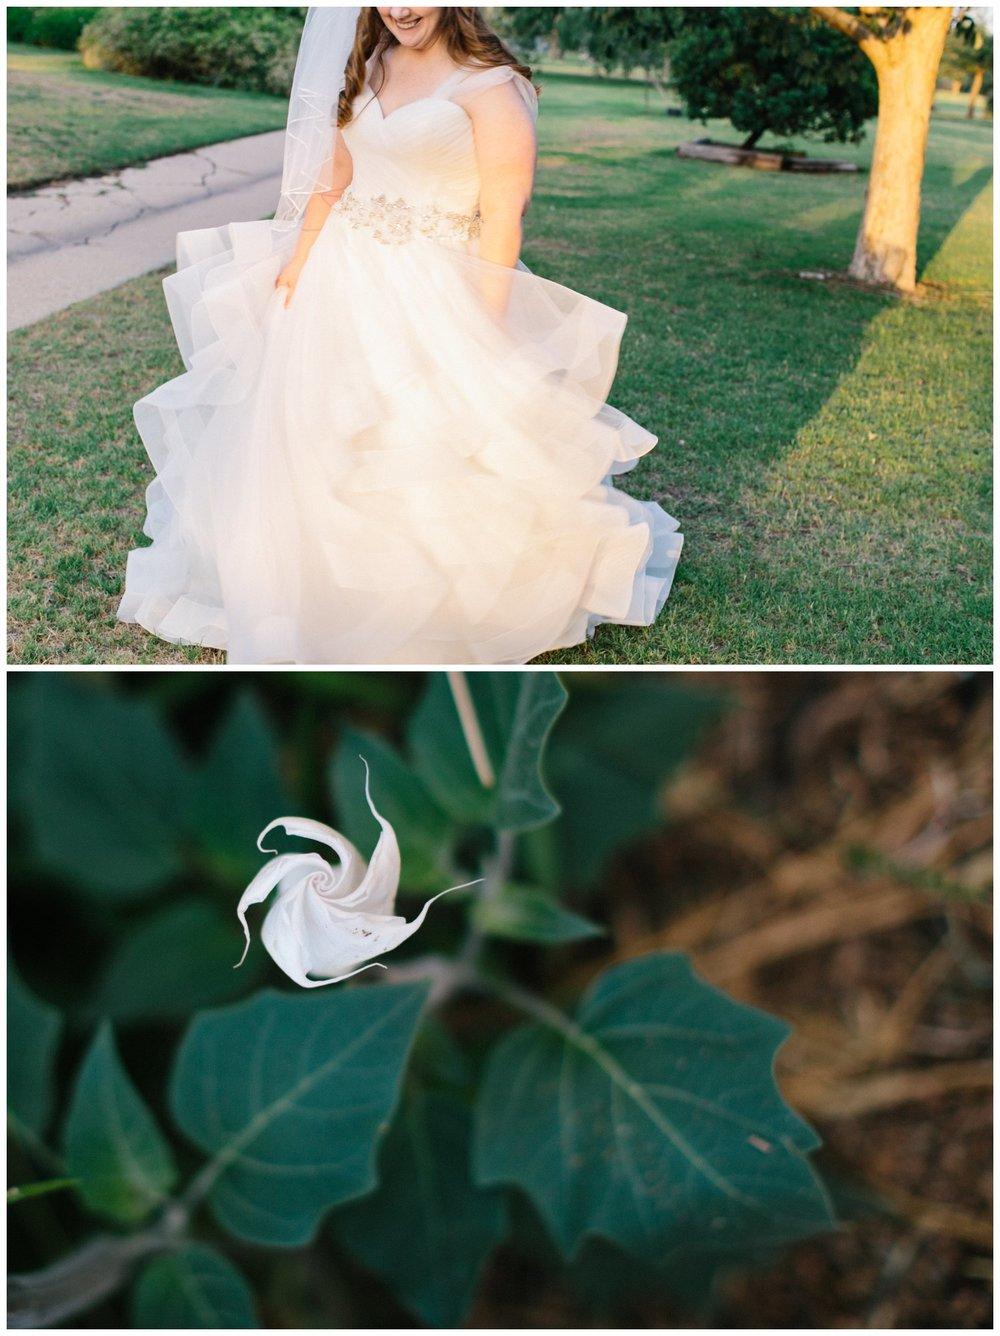 Kamie_Lubbock arboretum bridal portraits_53.jpg